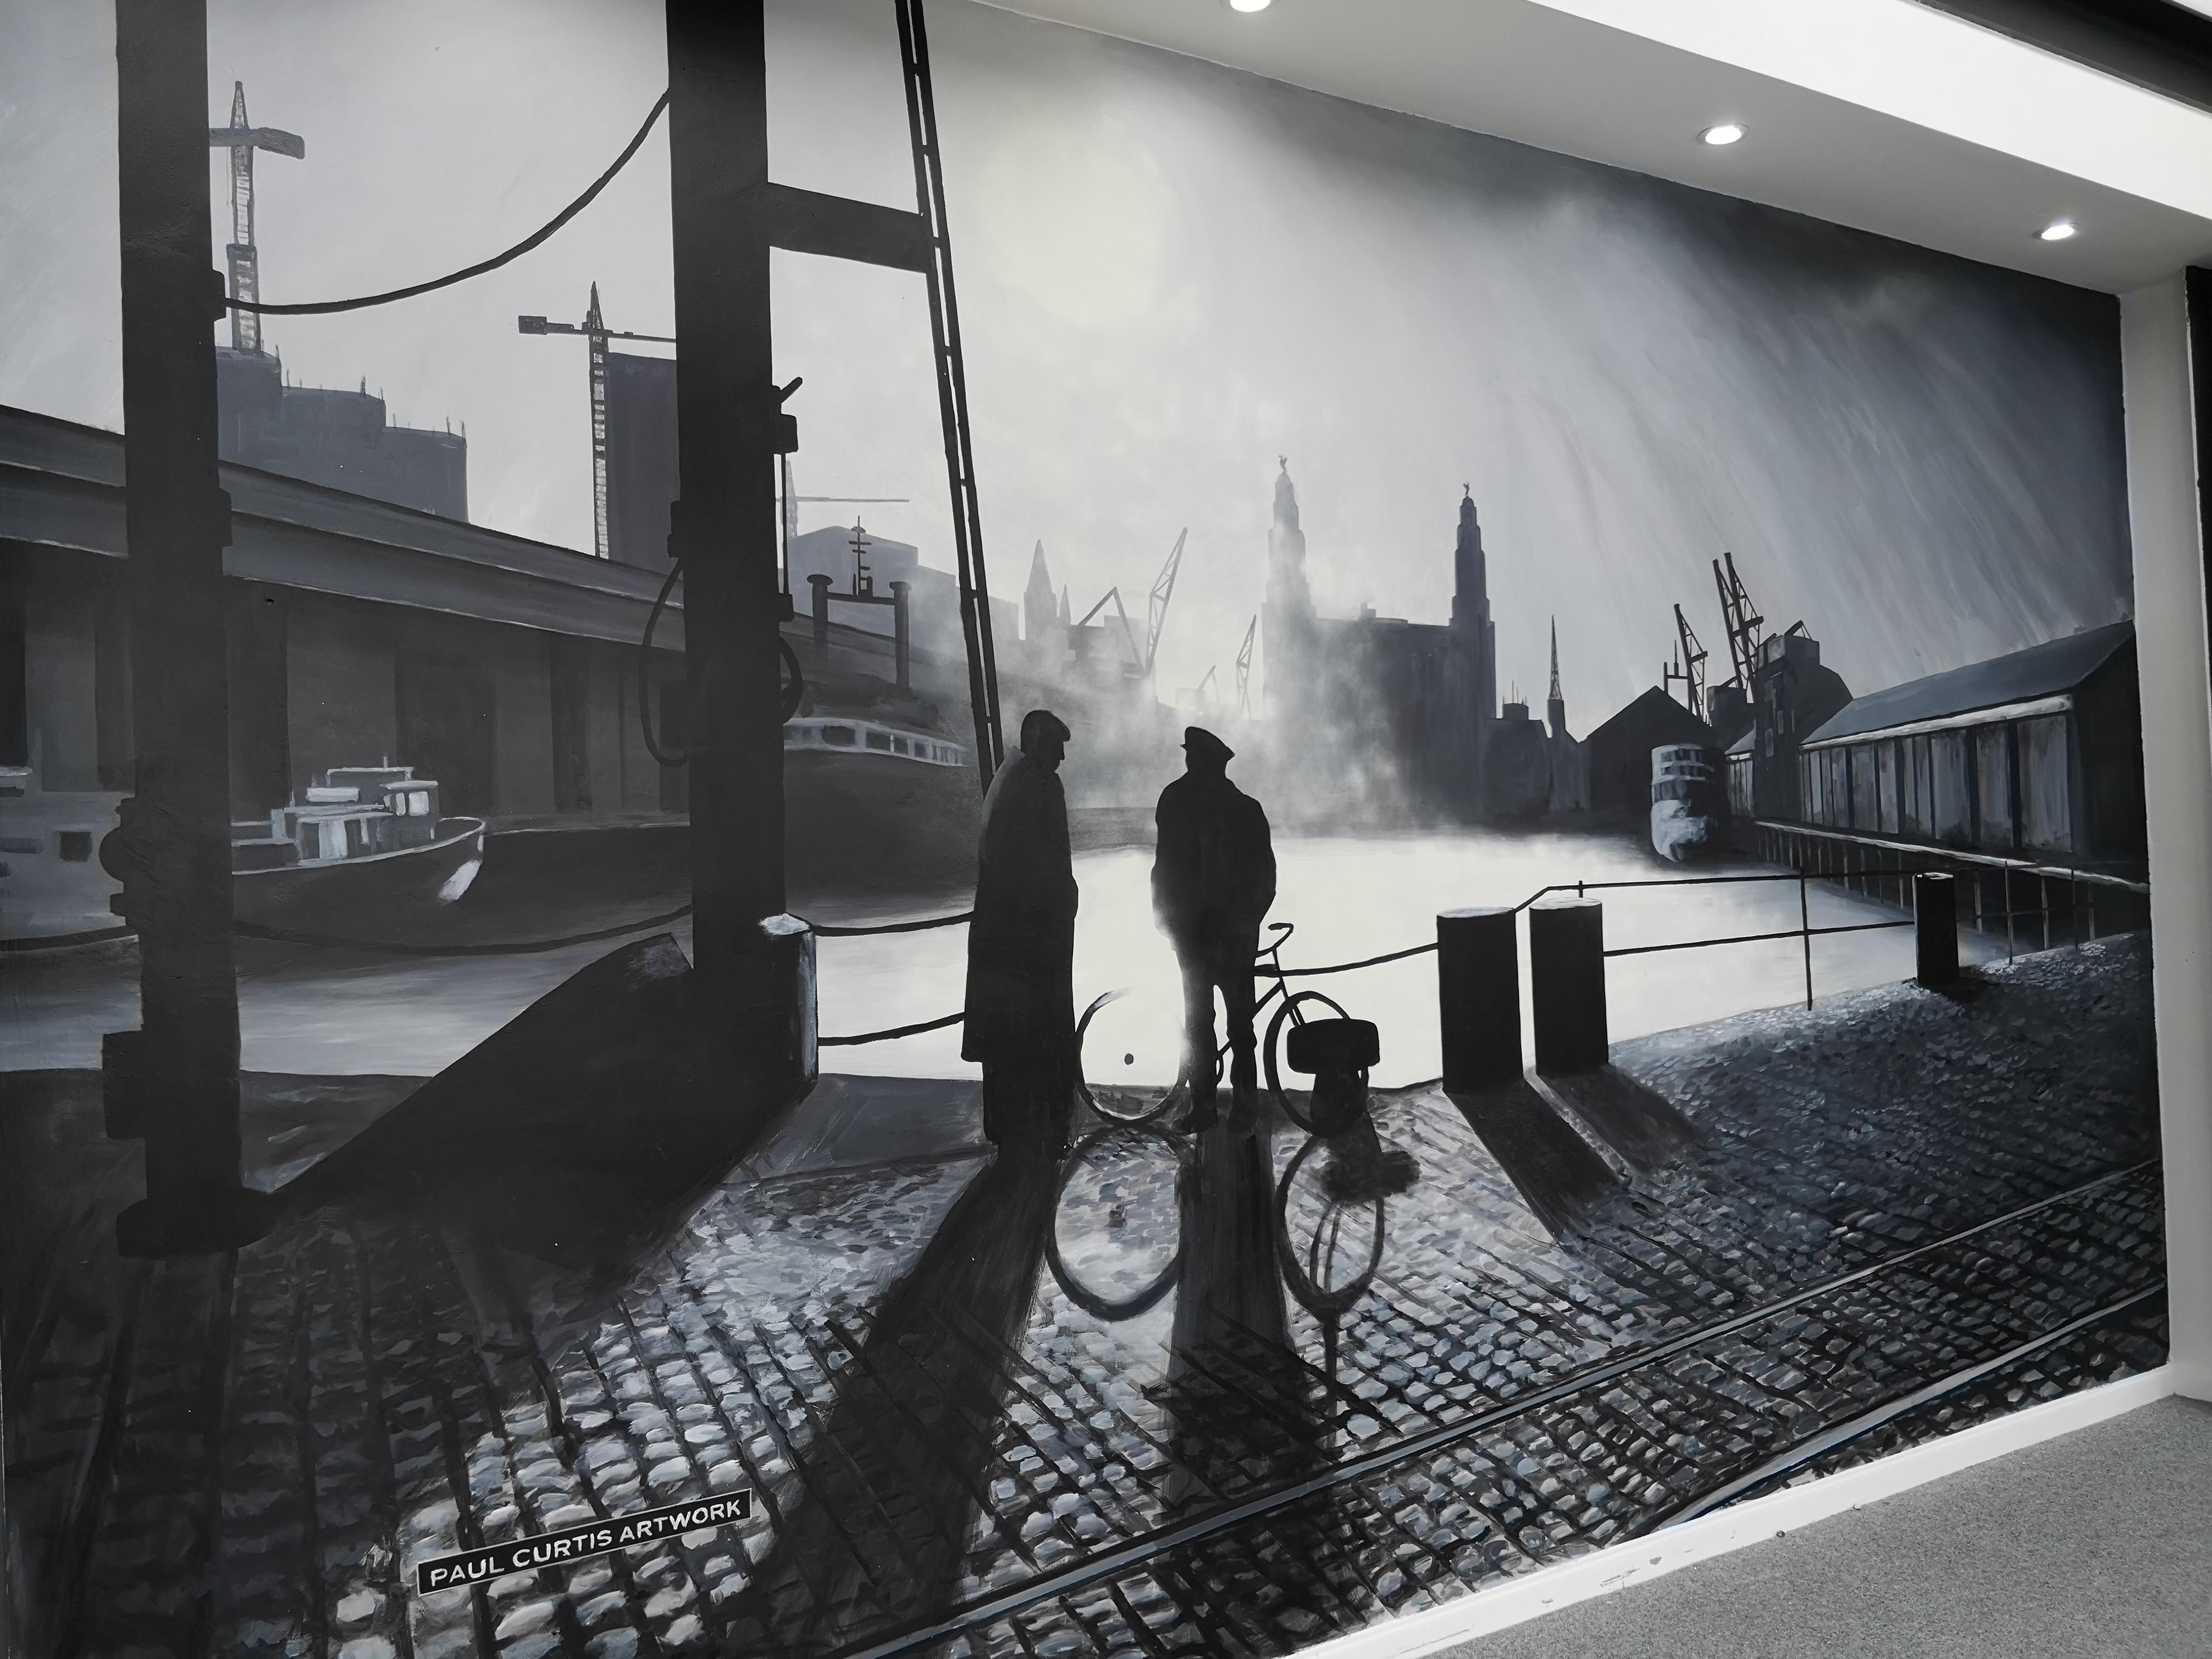 Dockers Mural